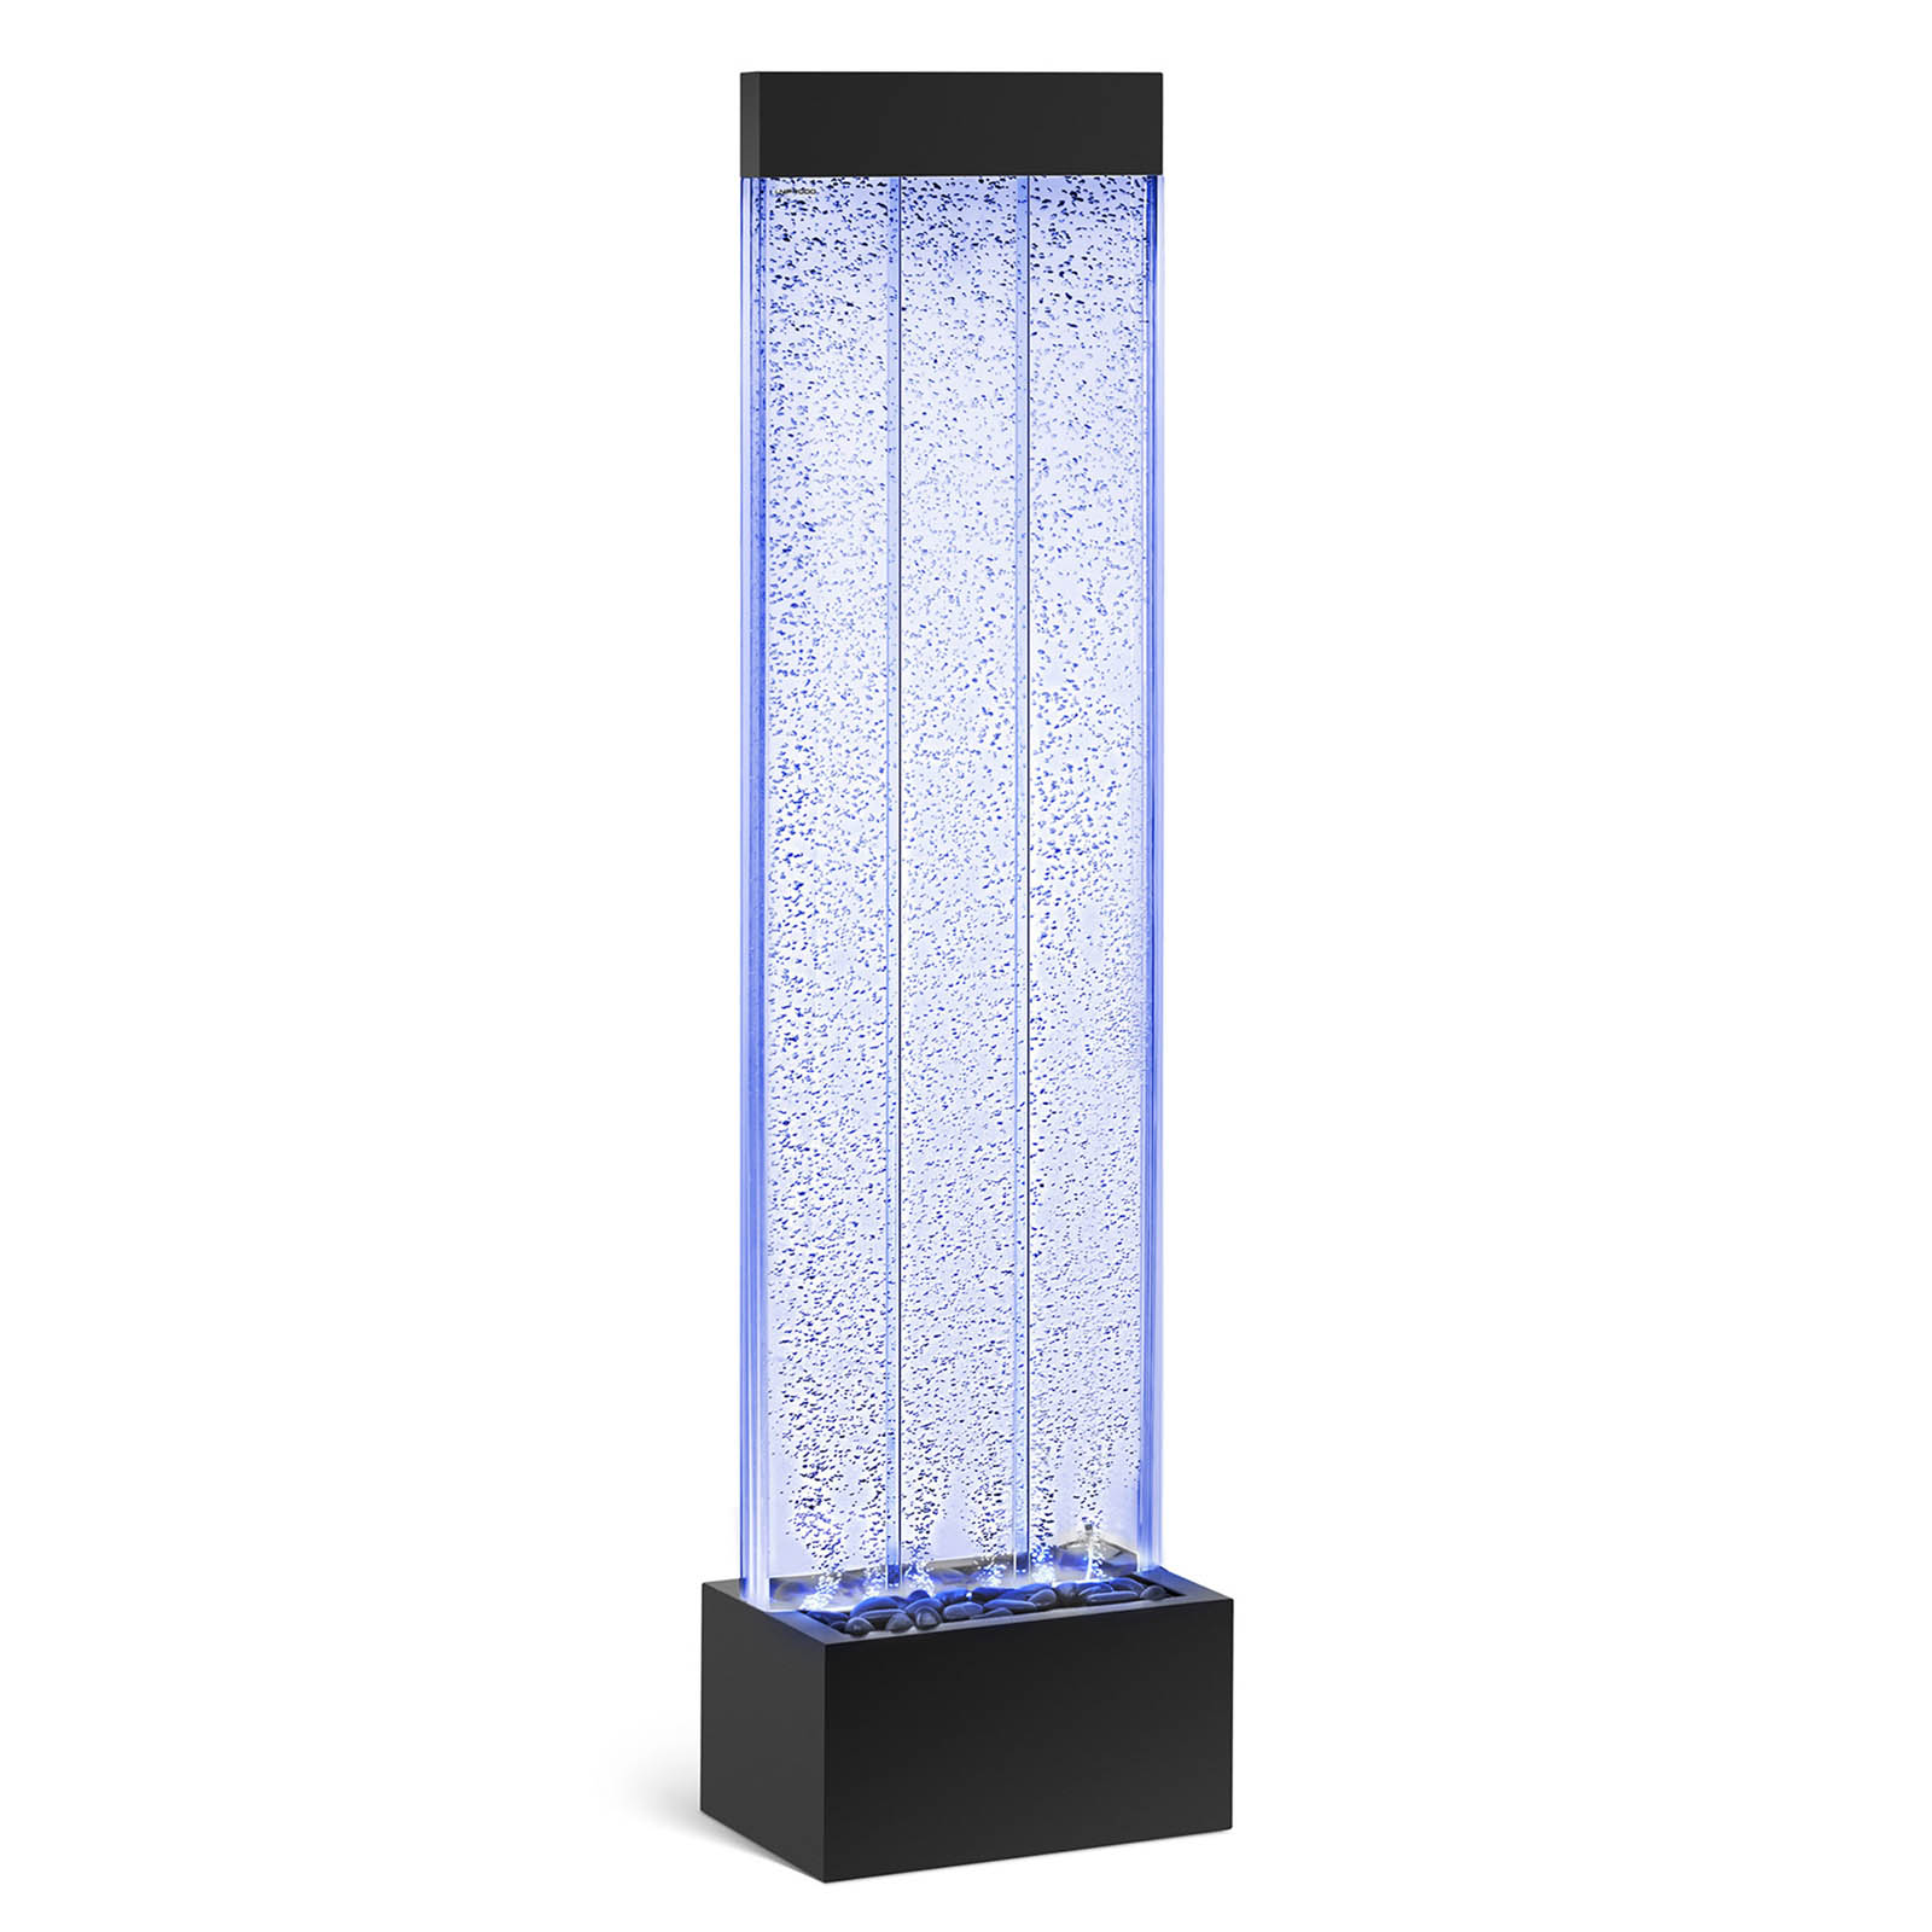 Uniprodo LED Wasserwand - 150 cm 10250291